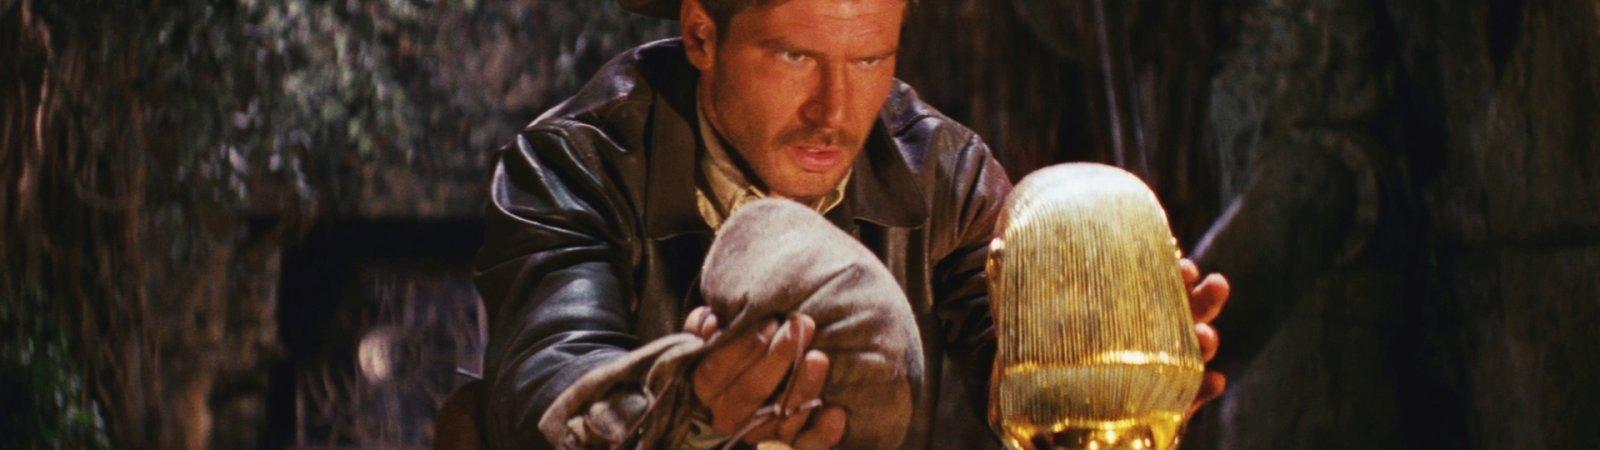 Photo du film : Les Aventuriers de l'Arche perdue